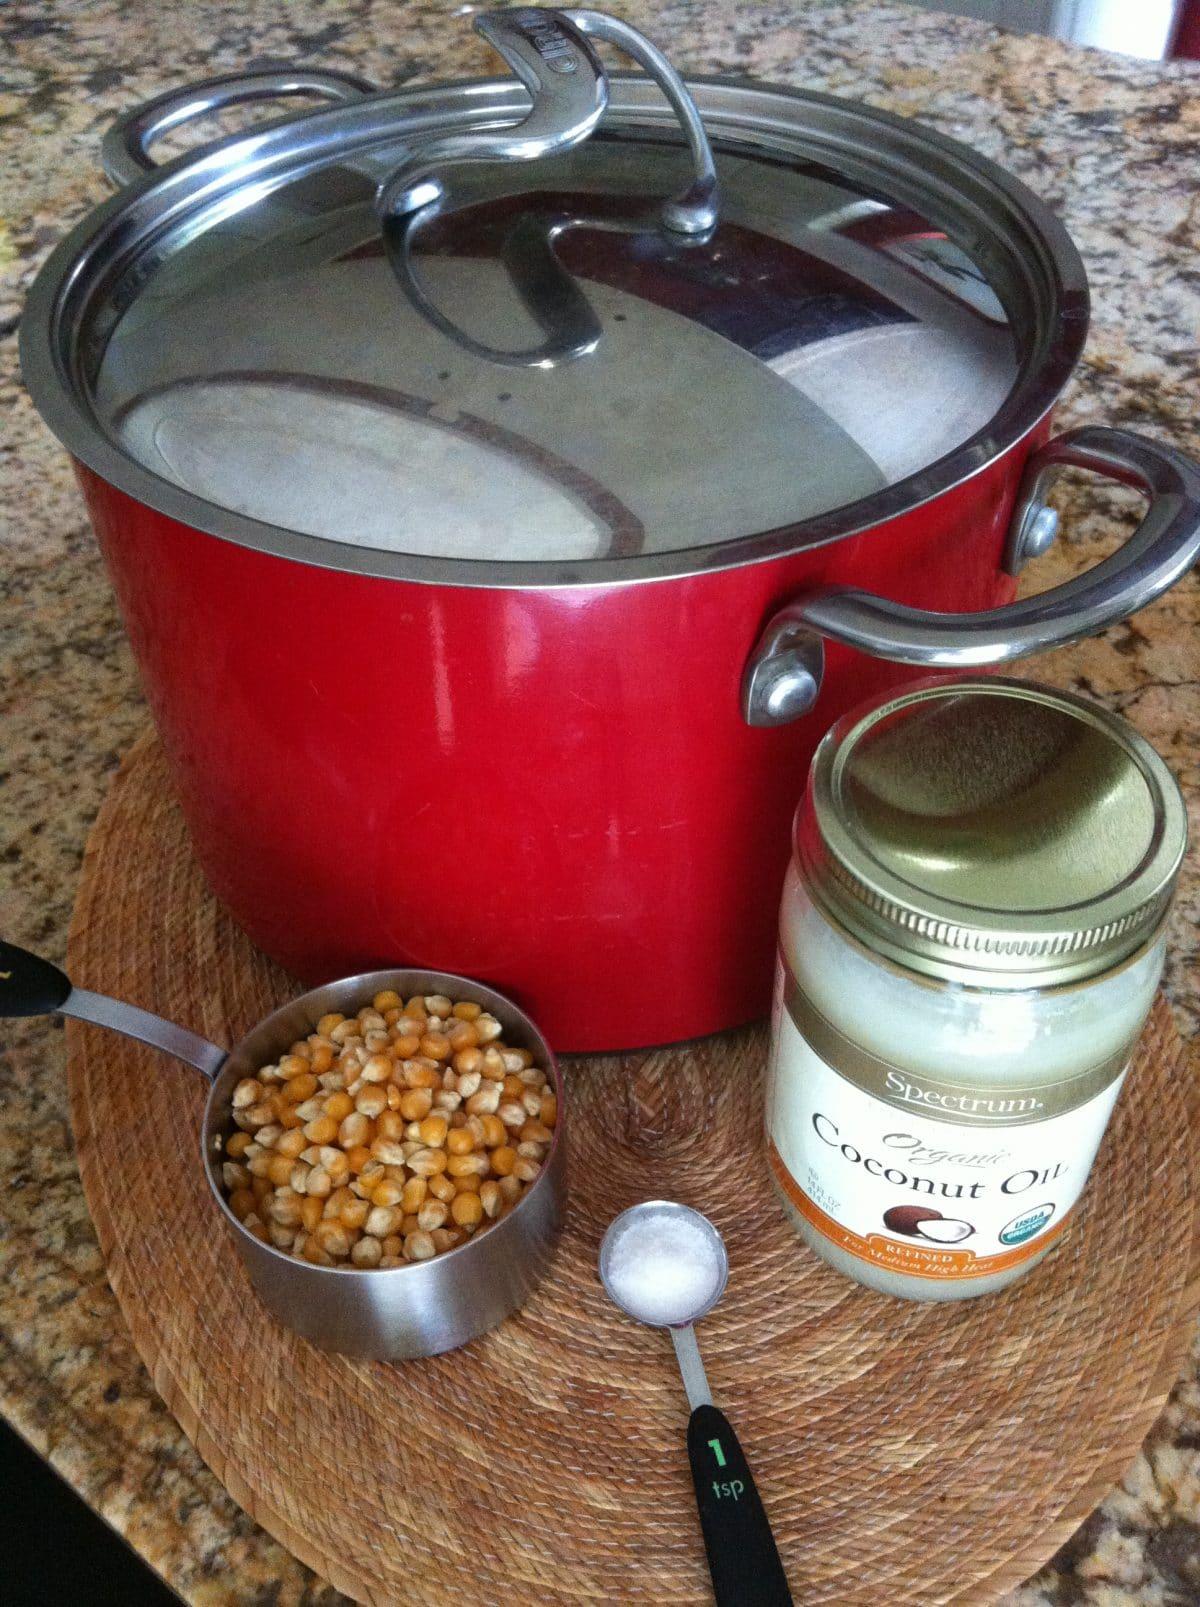 palomitas de maíz, como hacer palomitas de maiz, palomitas, palomitas caseras.